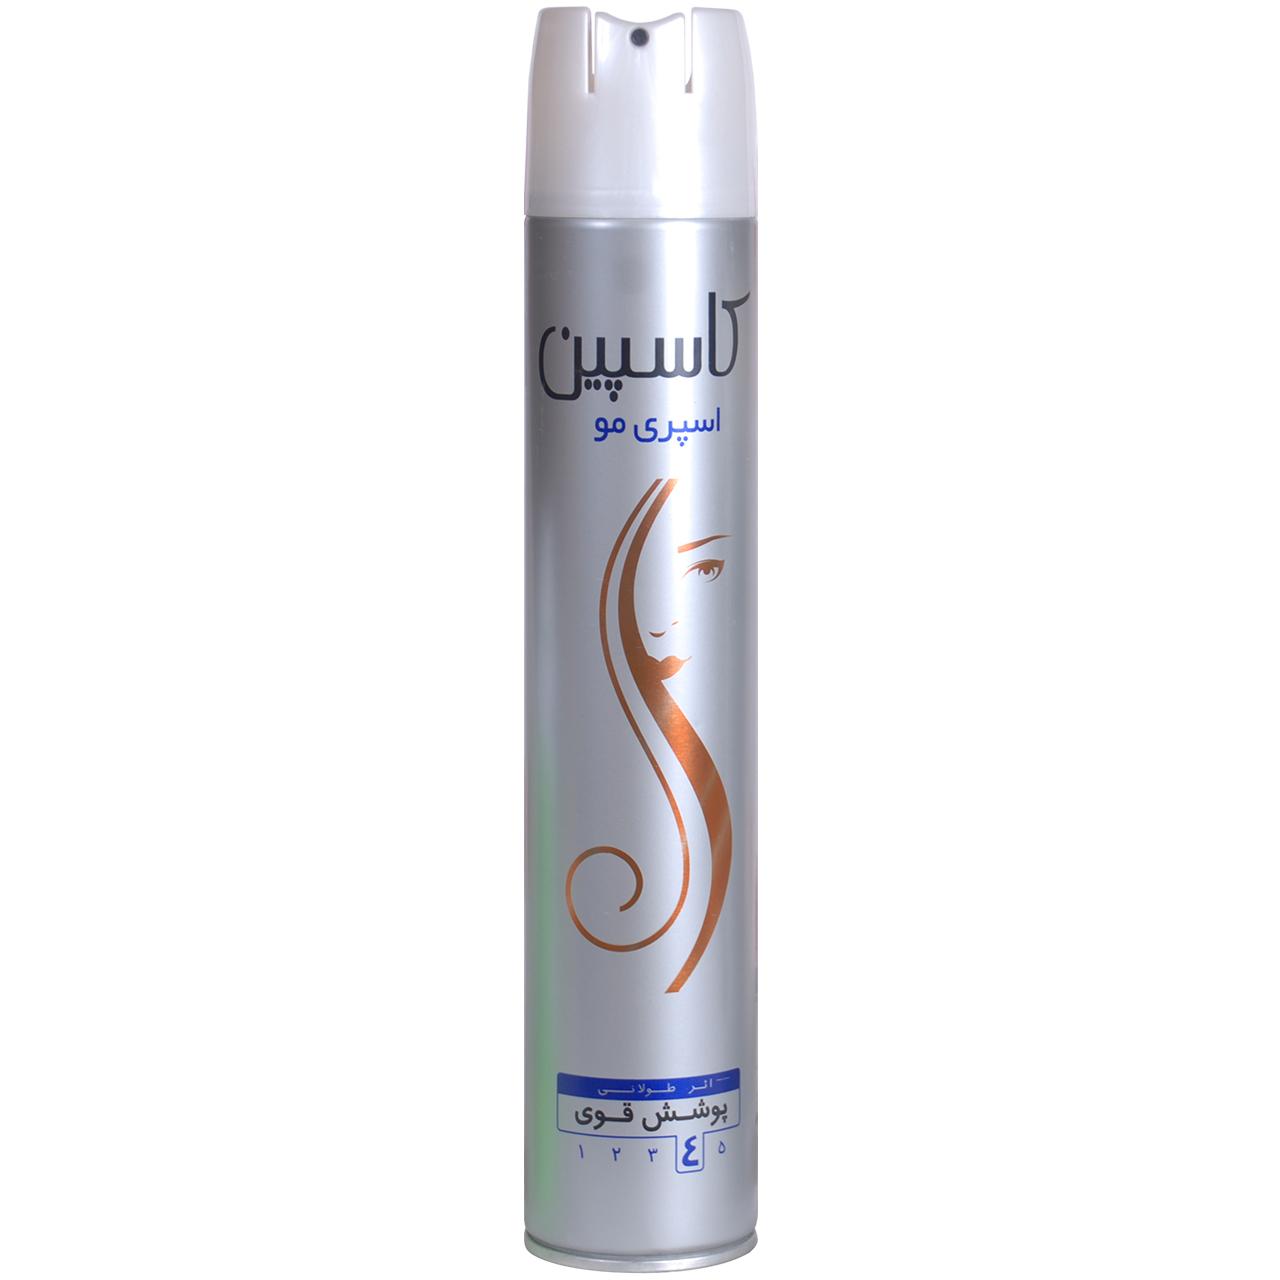 اسپری حالت دهنده مو کاسپین مدل Hair Spray حجم 500 میلی لیتر